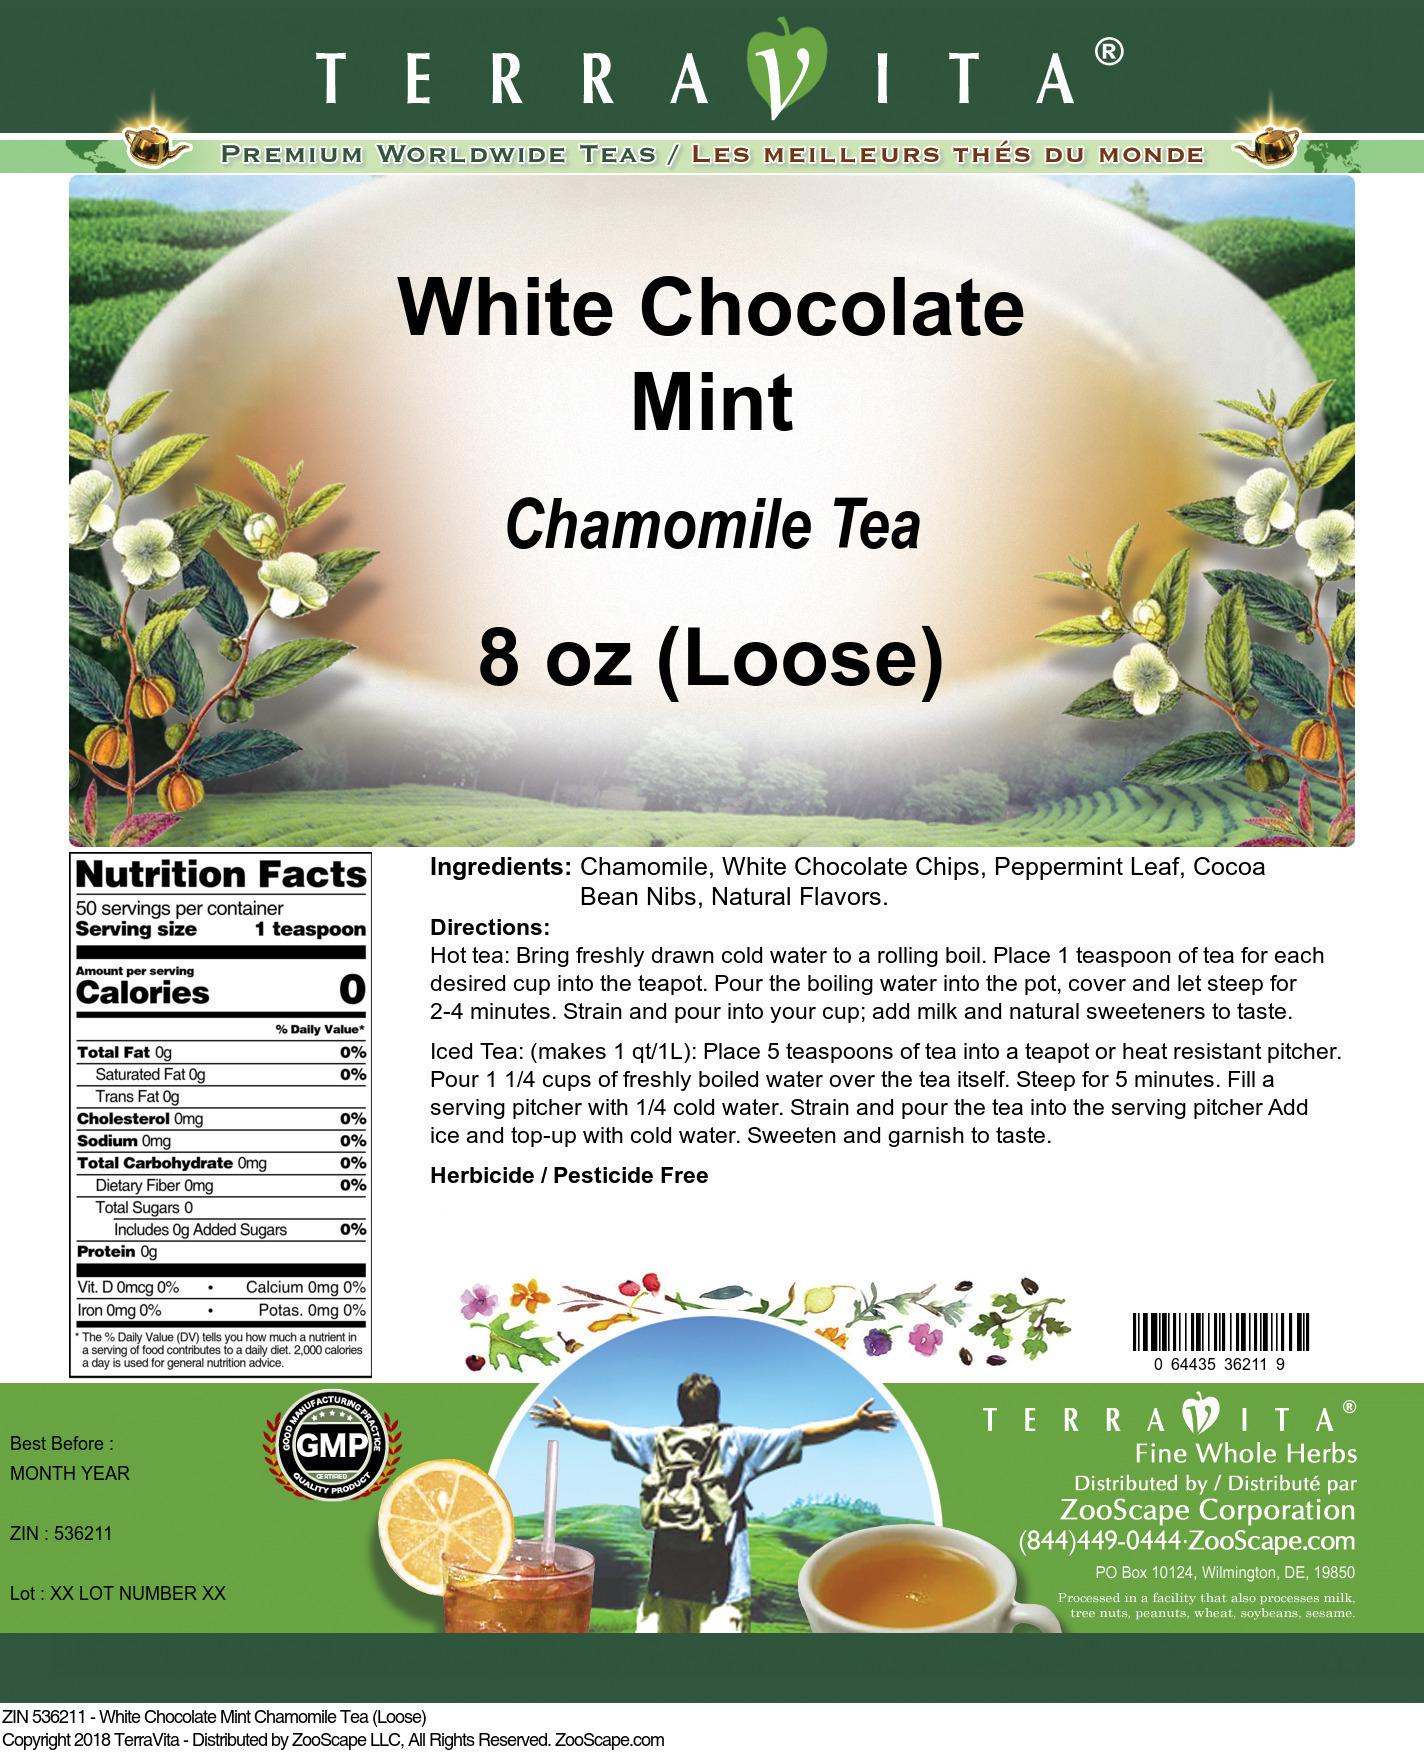 White Chocolate Mint Chamomile Tea